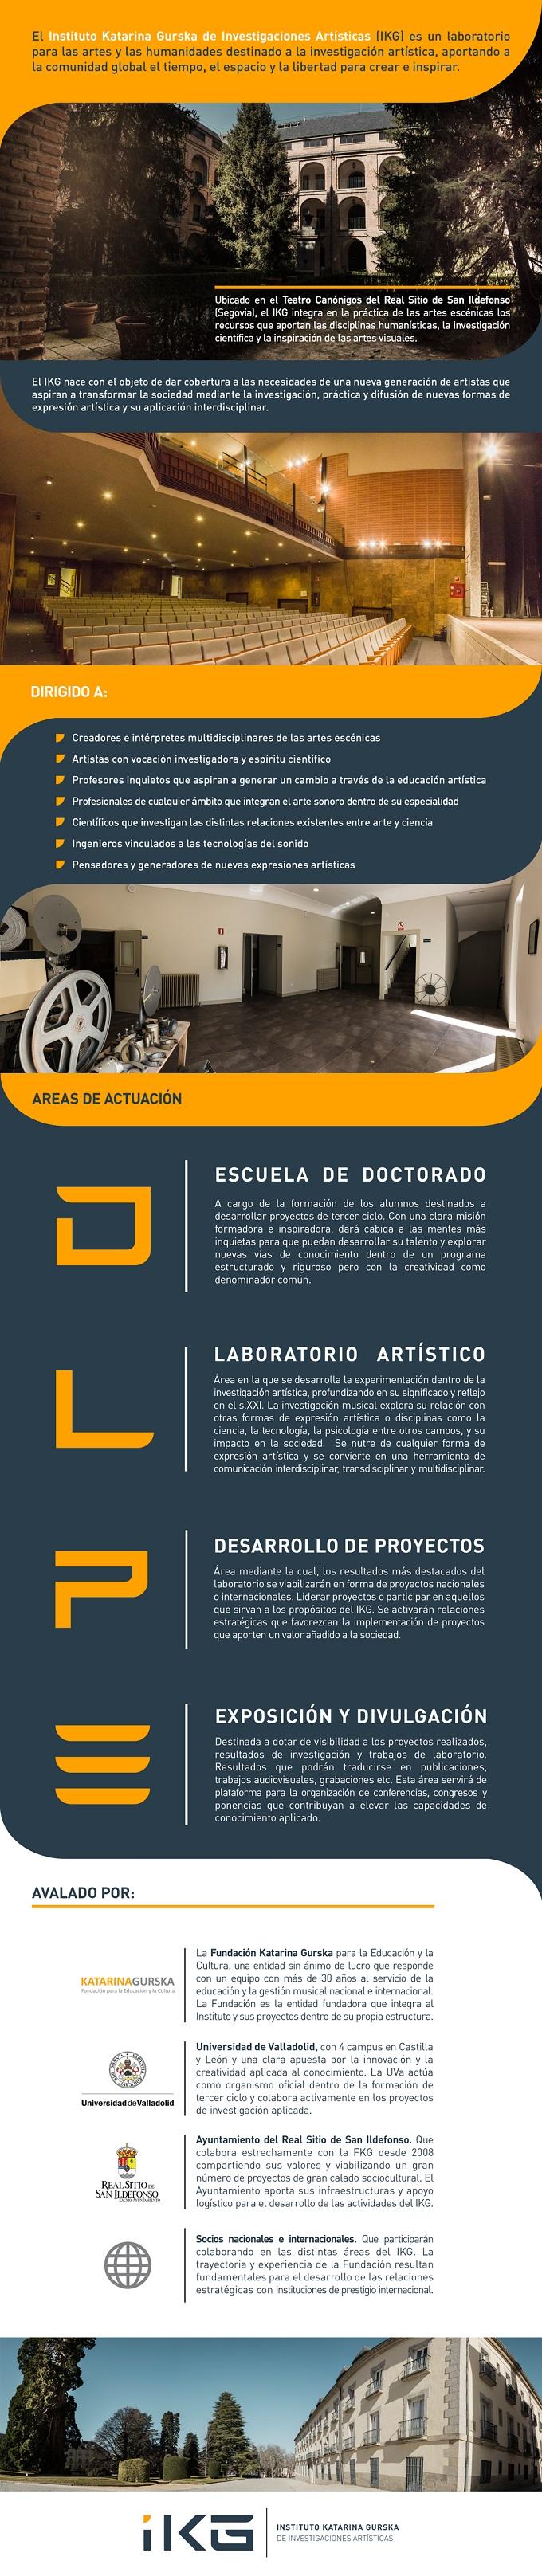 centro superior de ensenanza musical katarina gurska  Doctorado para la investigación artística interdisciplinar de la mano de la Universidad de Valladolid y la Fundación Katarina Gurska